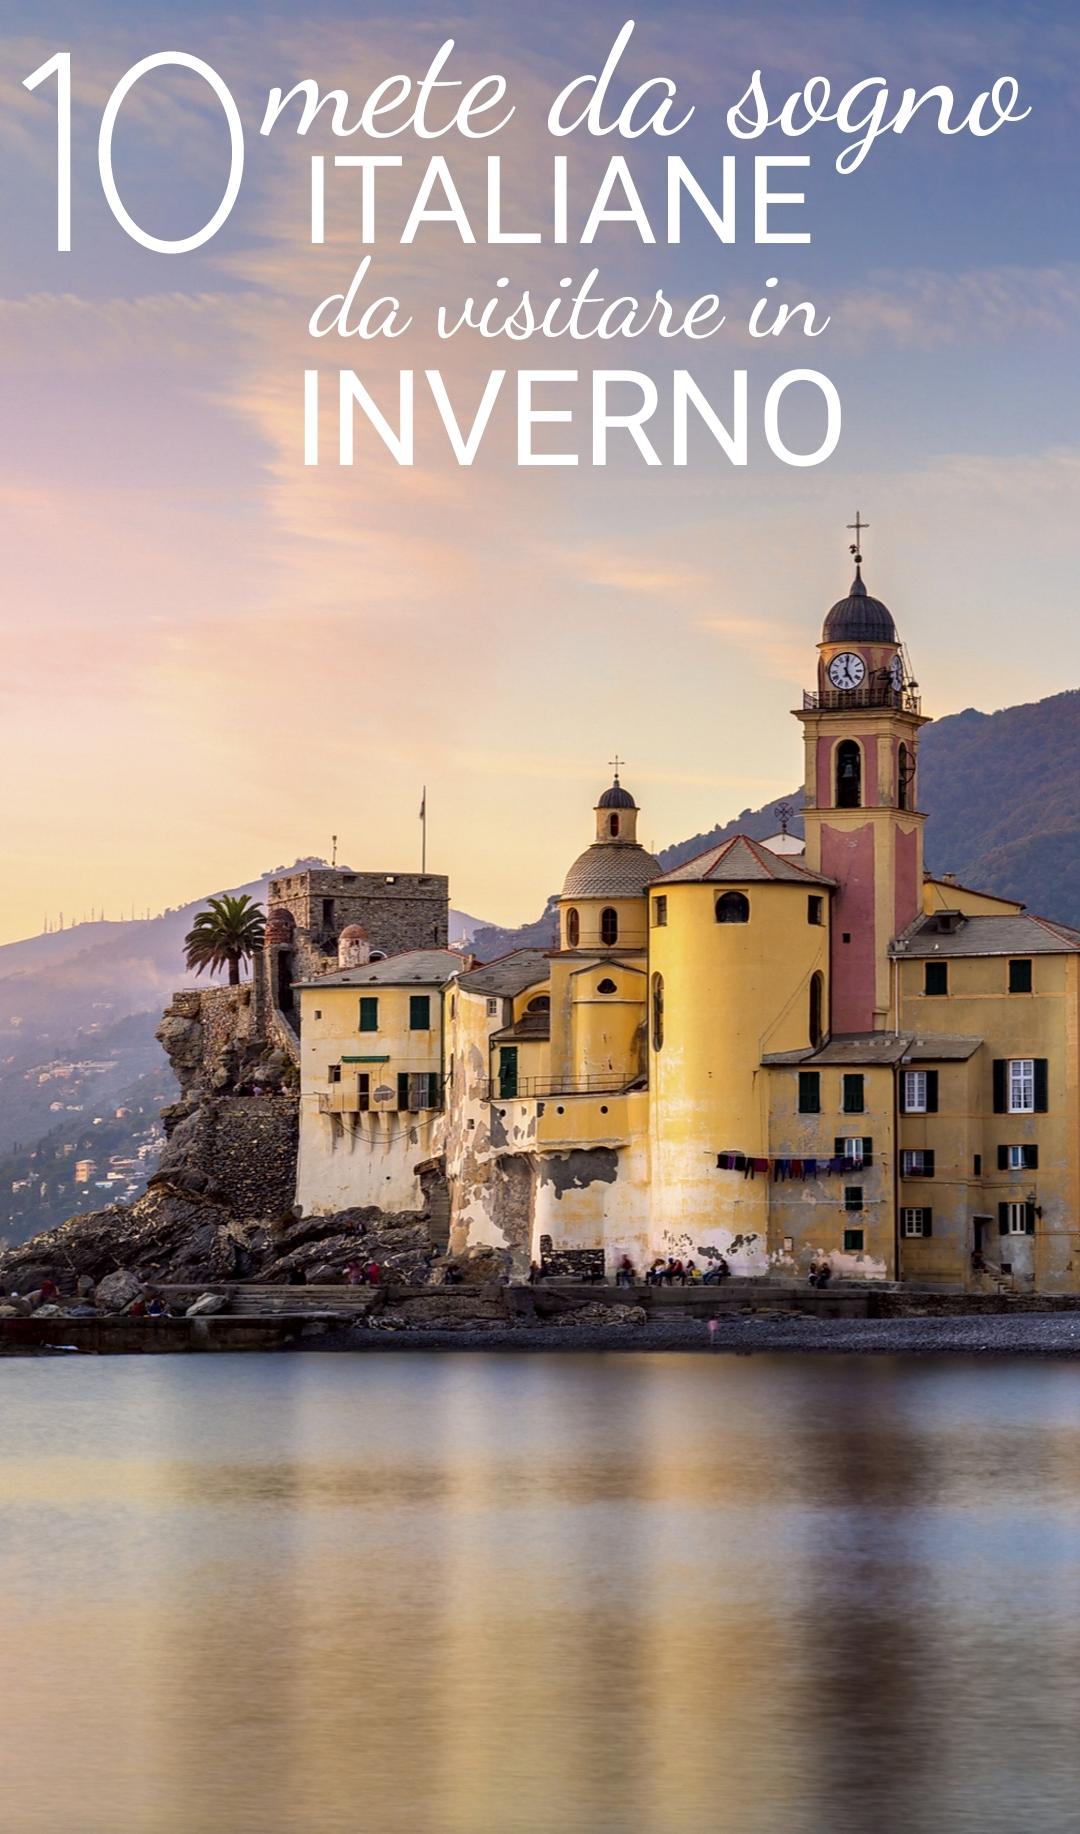 Dove andare in italia in inverno ecco 10 mete italiane da for Visitare in italia